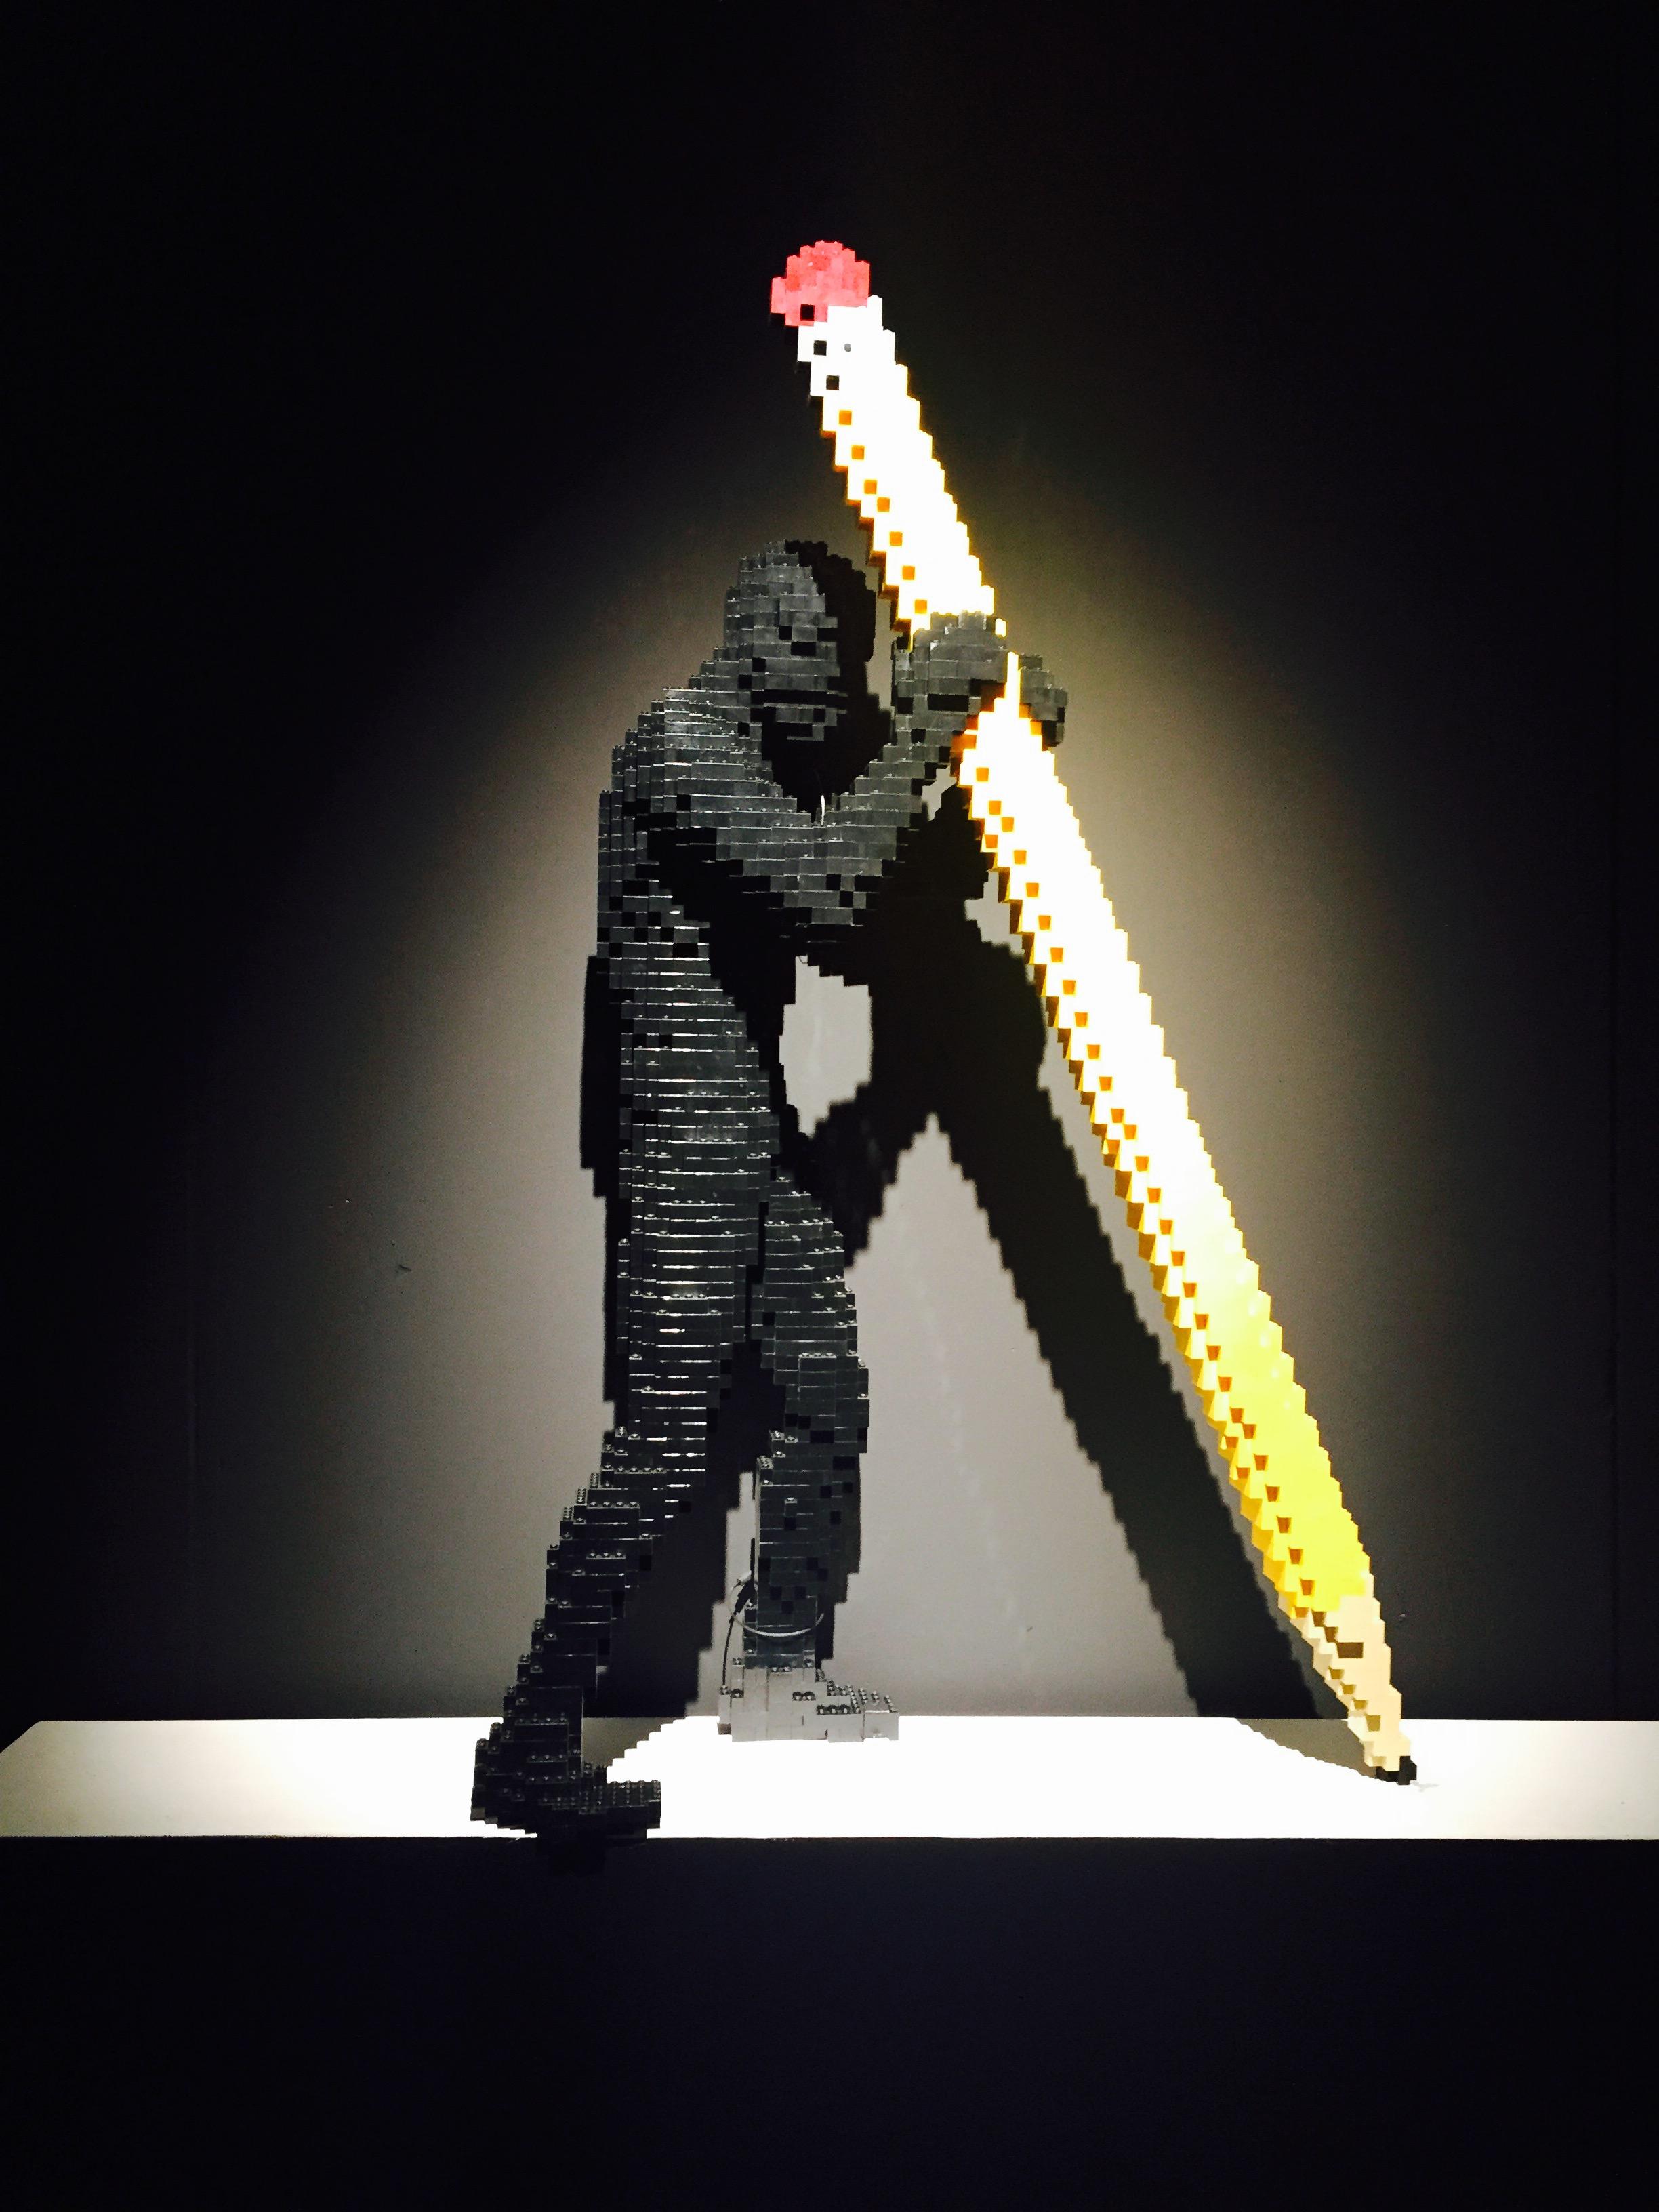 lego sculpt